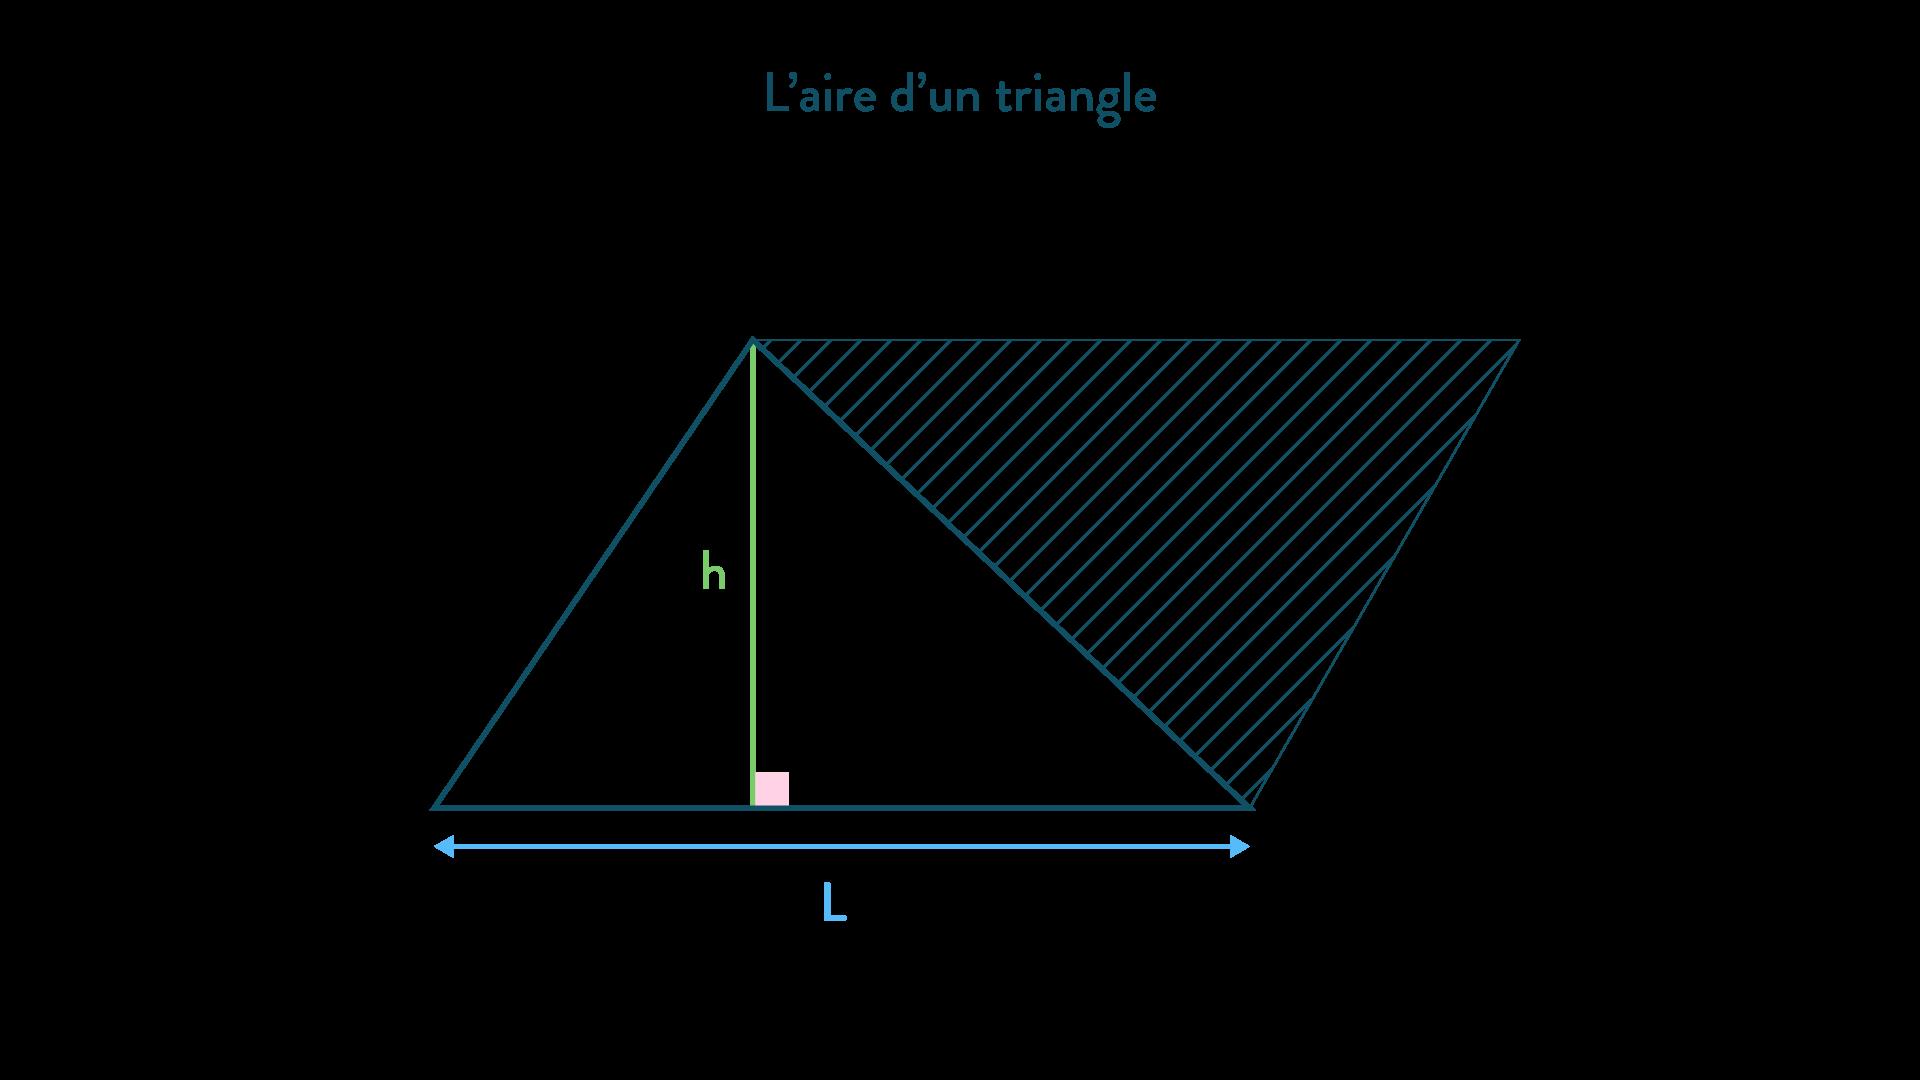 aire d'un triangle calculer des périmètres et des aires mathématiques cinquième